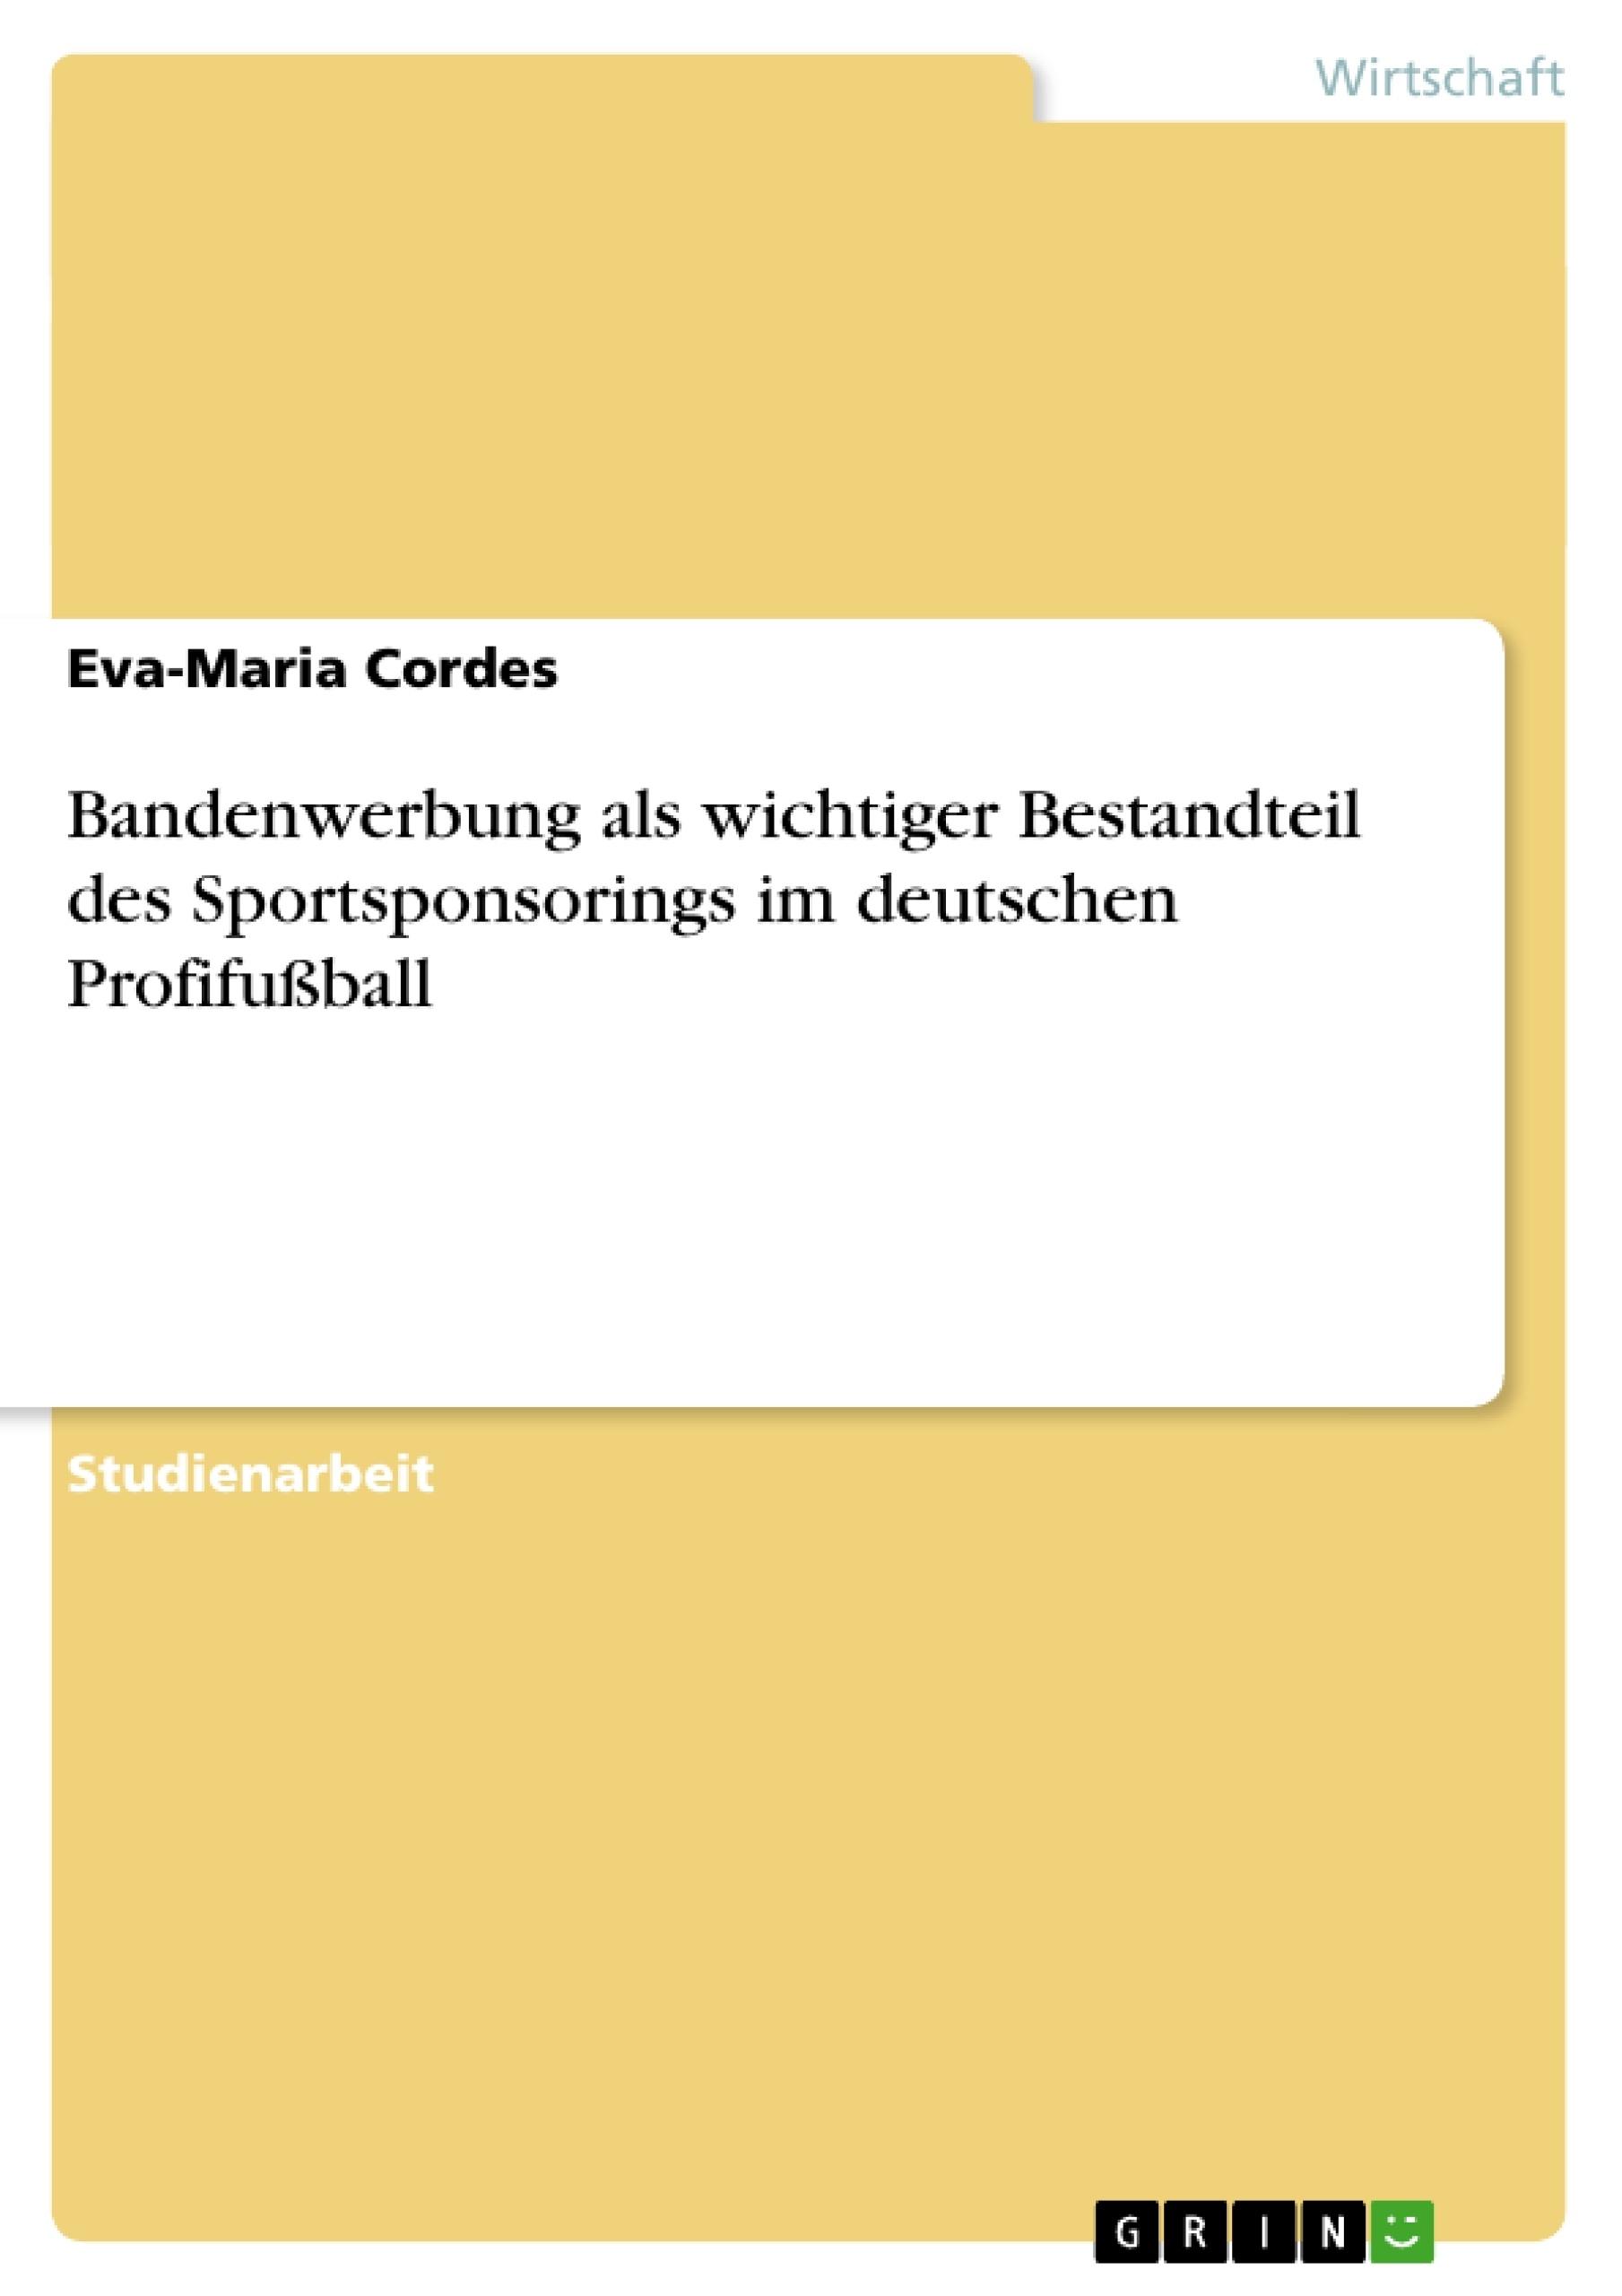 Titel: Bandenwerbung als wichtiger Bestandteil des Sportsponsorings im deutschen Profifußball